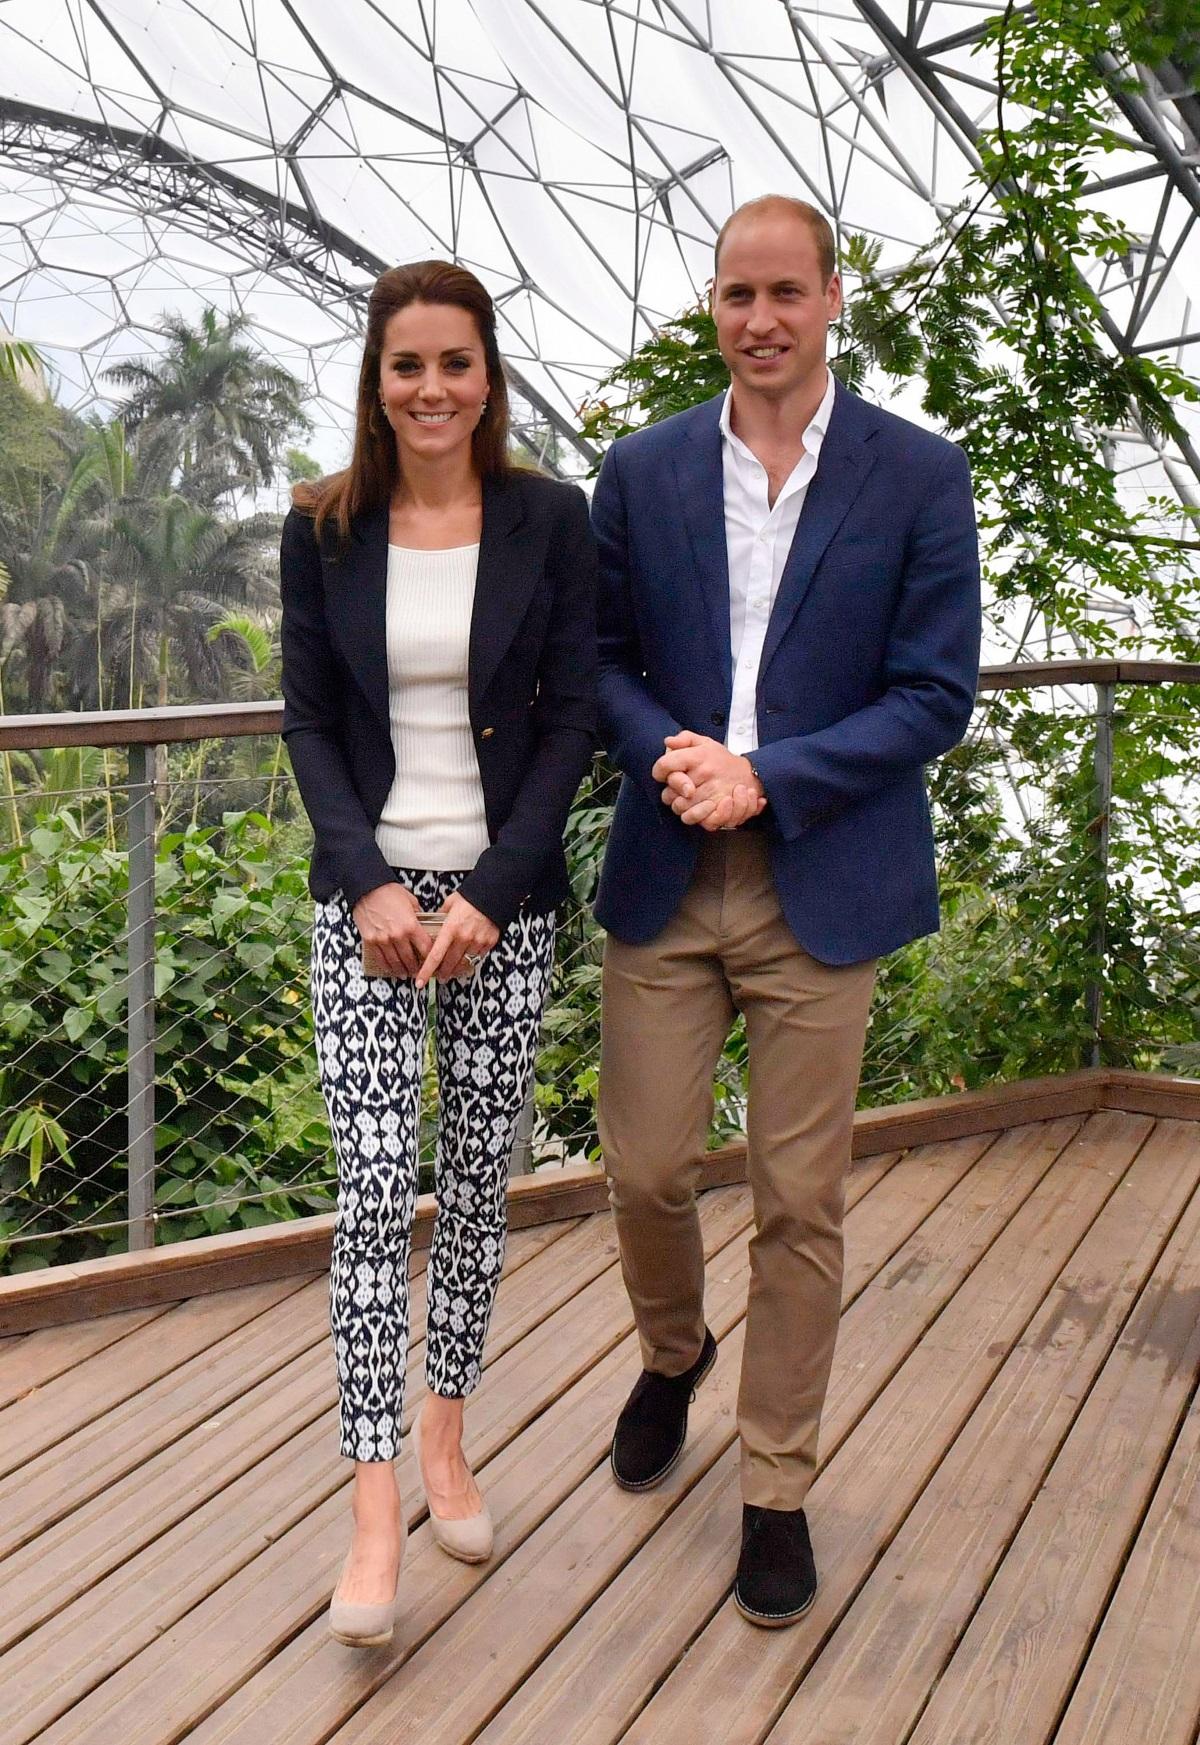 Кейт Мидълтън носи панталони за 23 долара по време на посещението си в графствоКорнуолл,заедно със съпруга си през септември 2016 г.